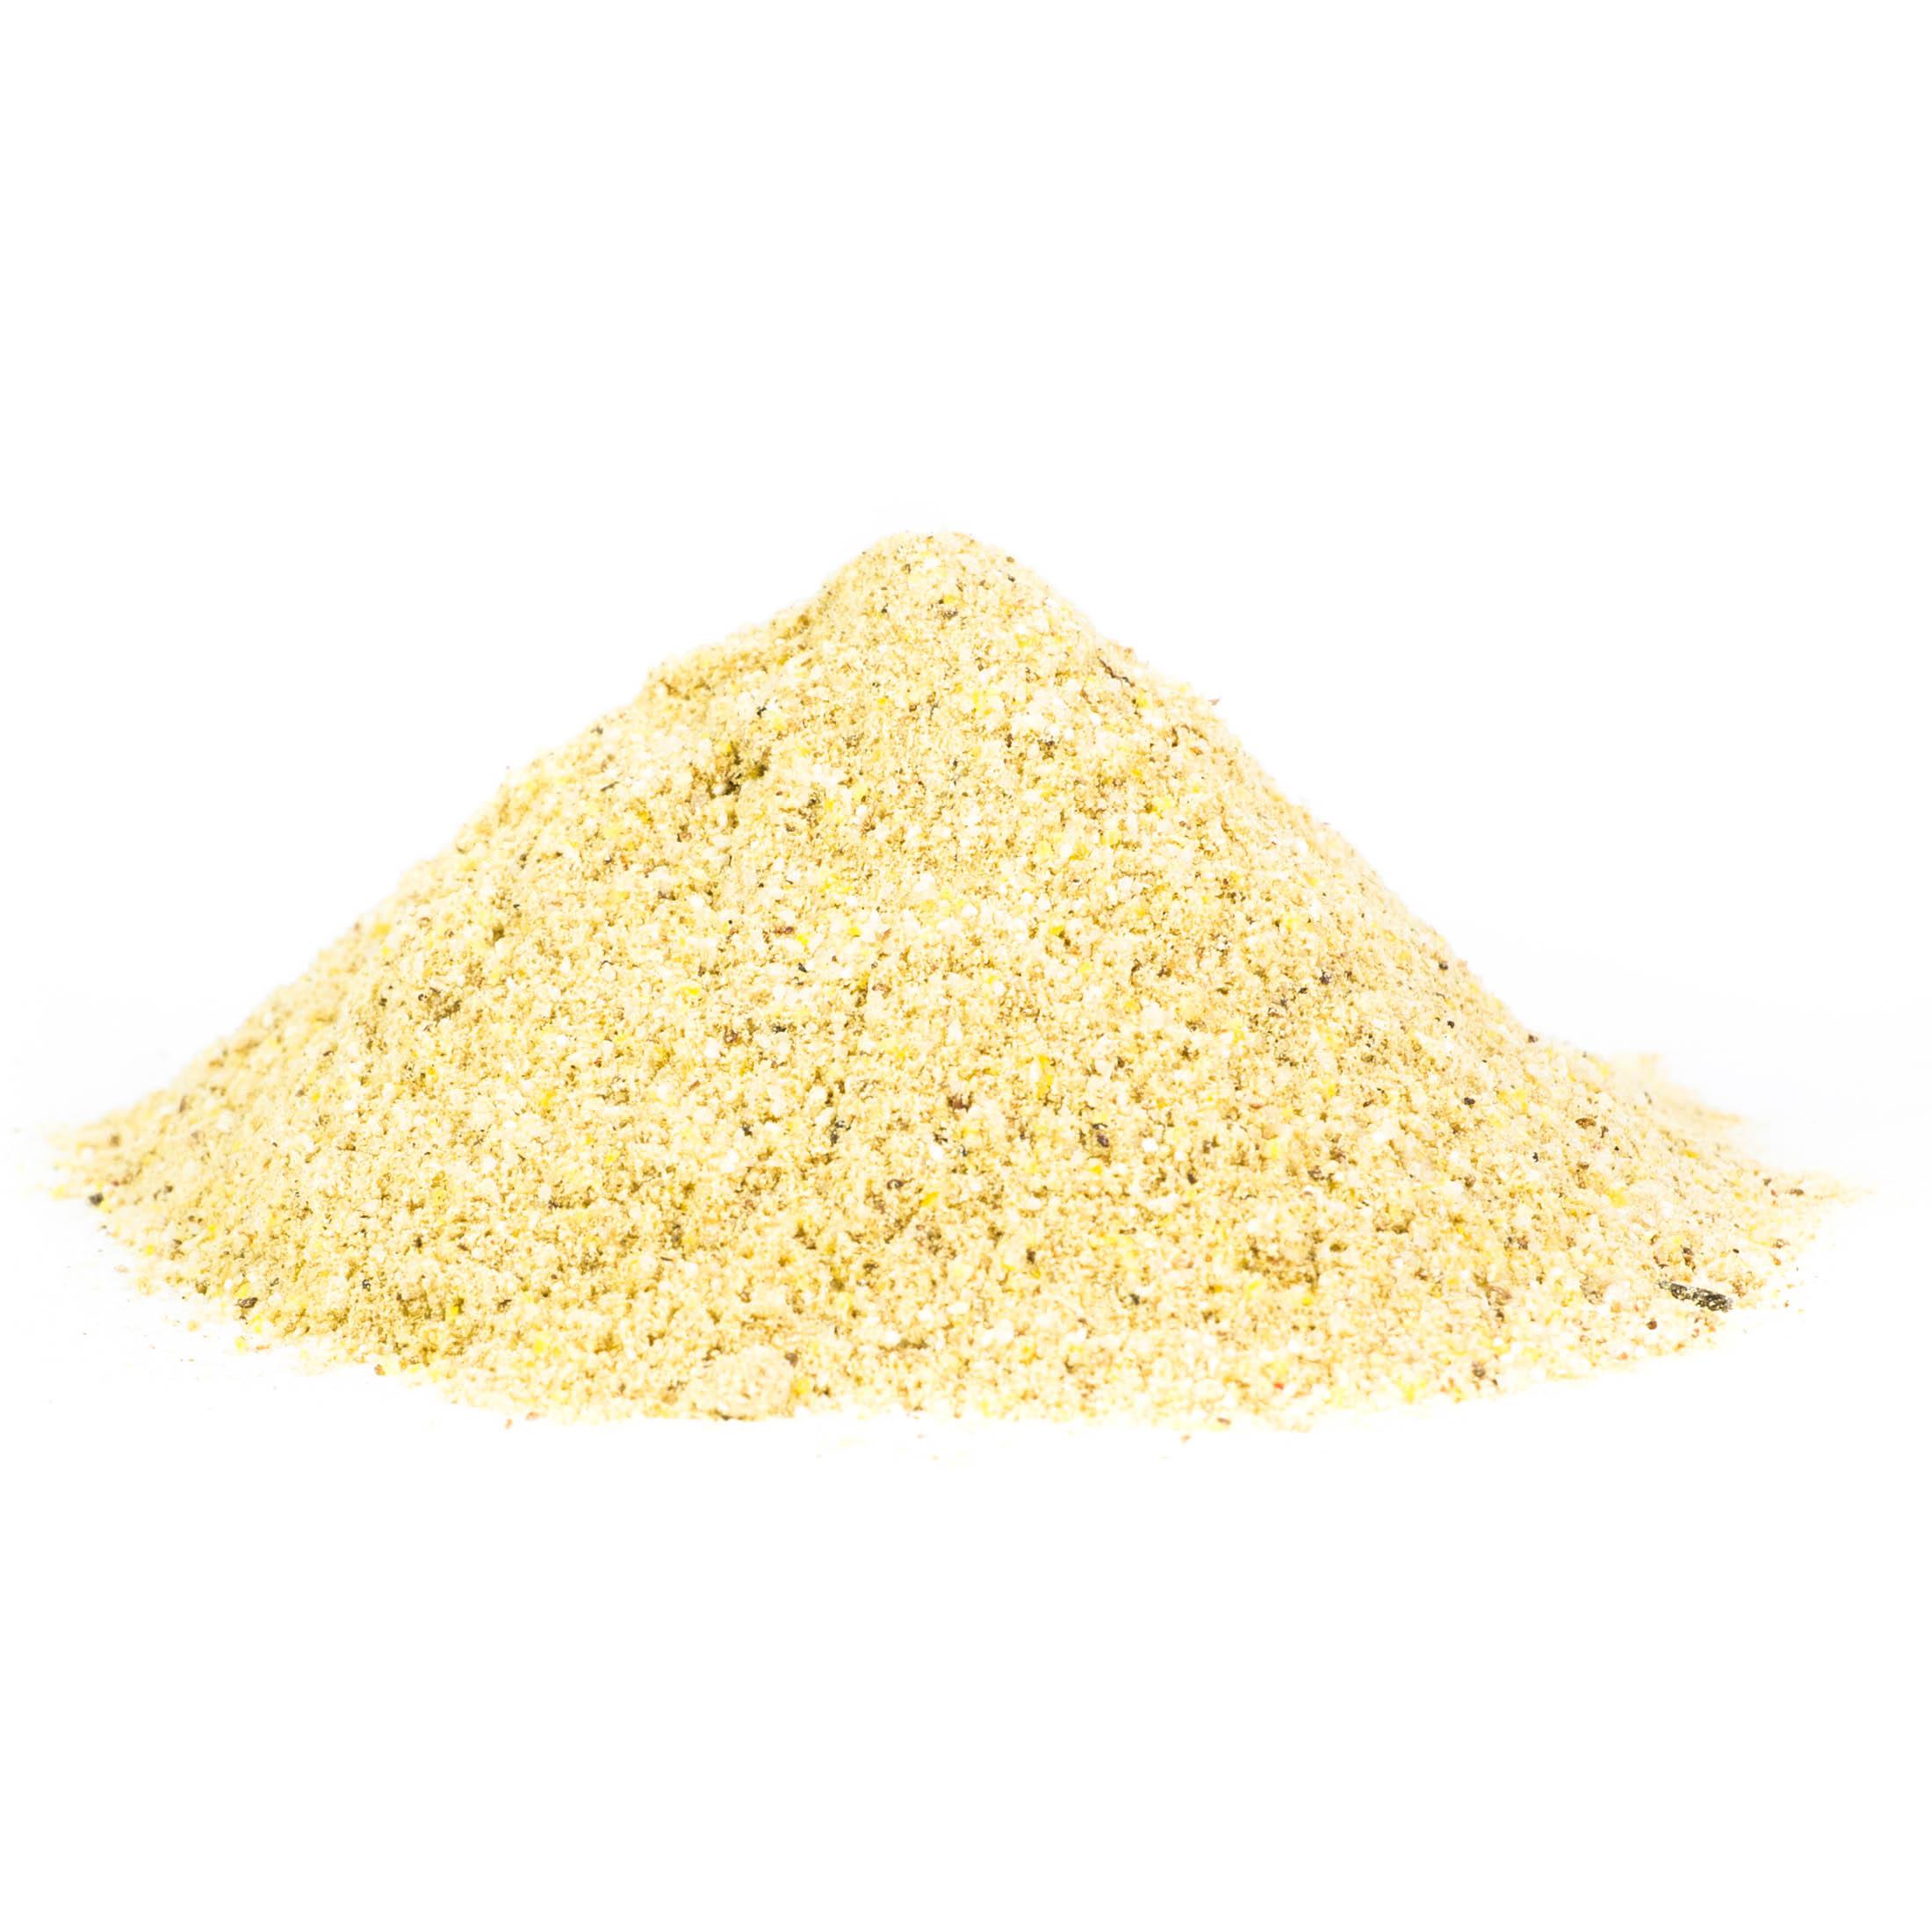 Boilie mix 1kg - Multimix